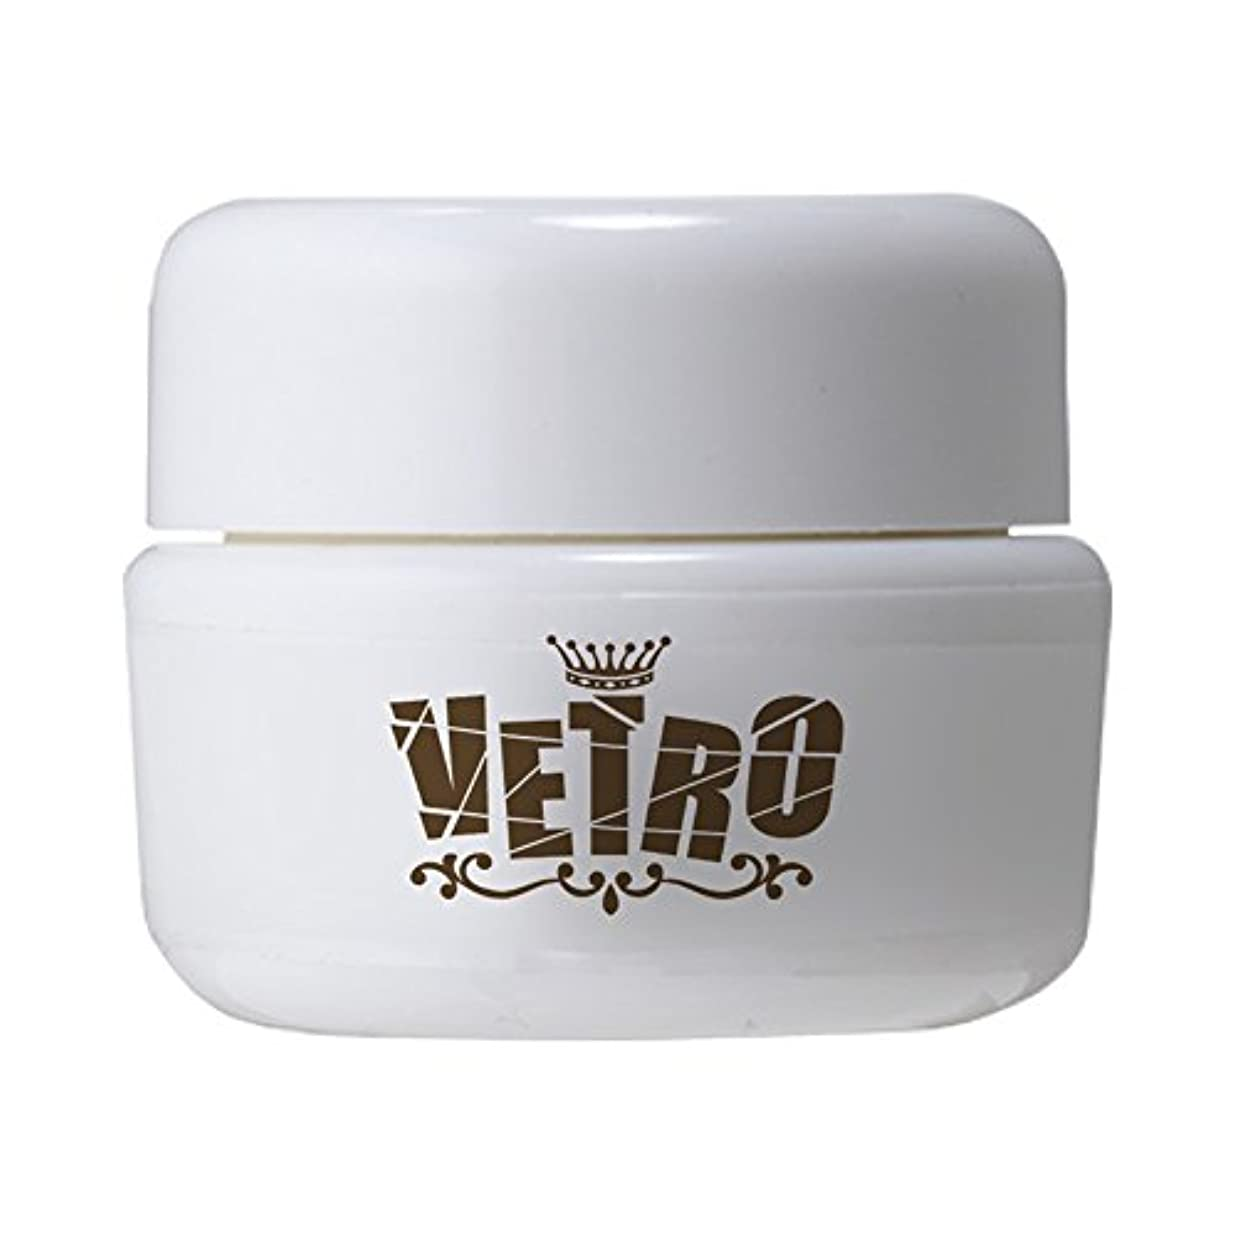 着る装置腹部VETRO No.19 カラージェル マット VL023 マットホワイト 4ml